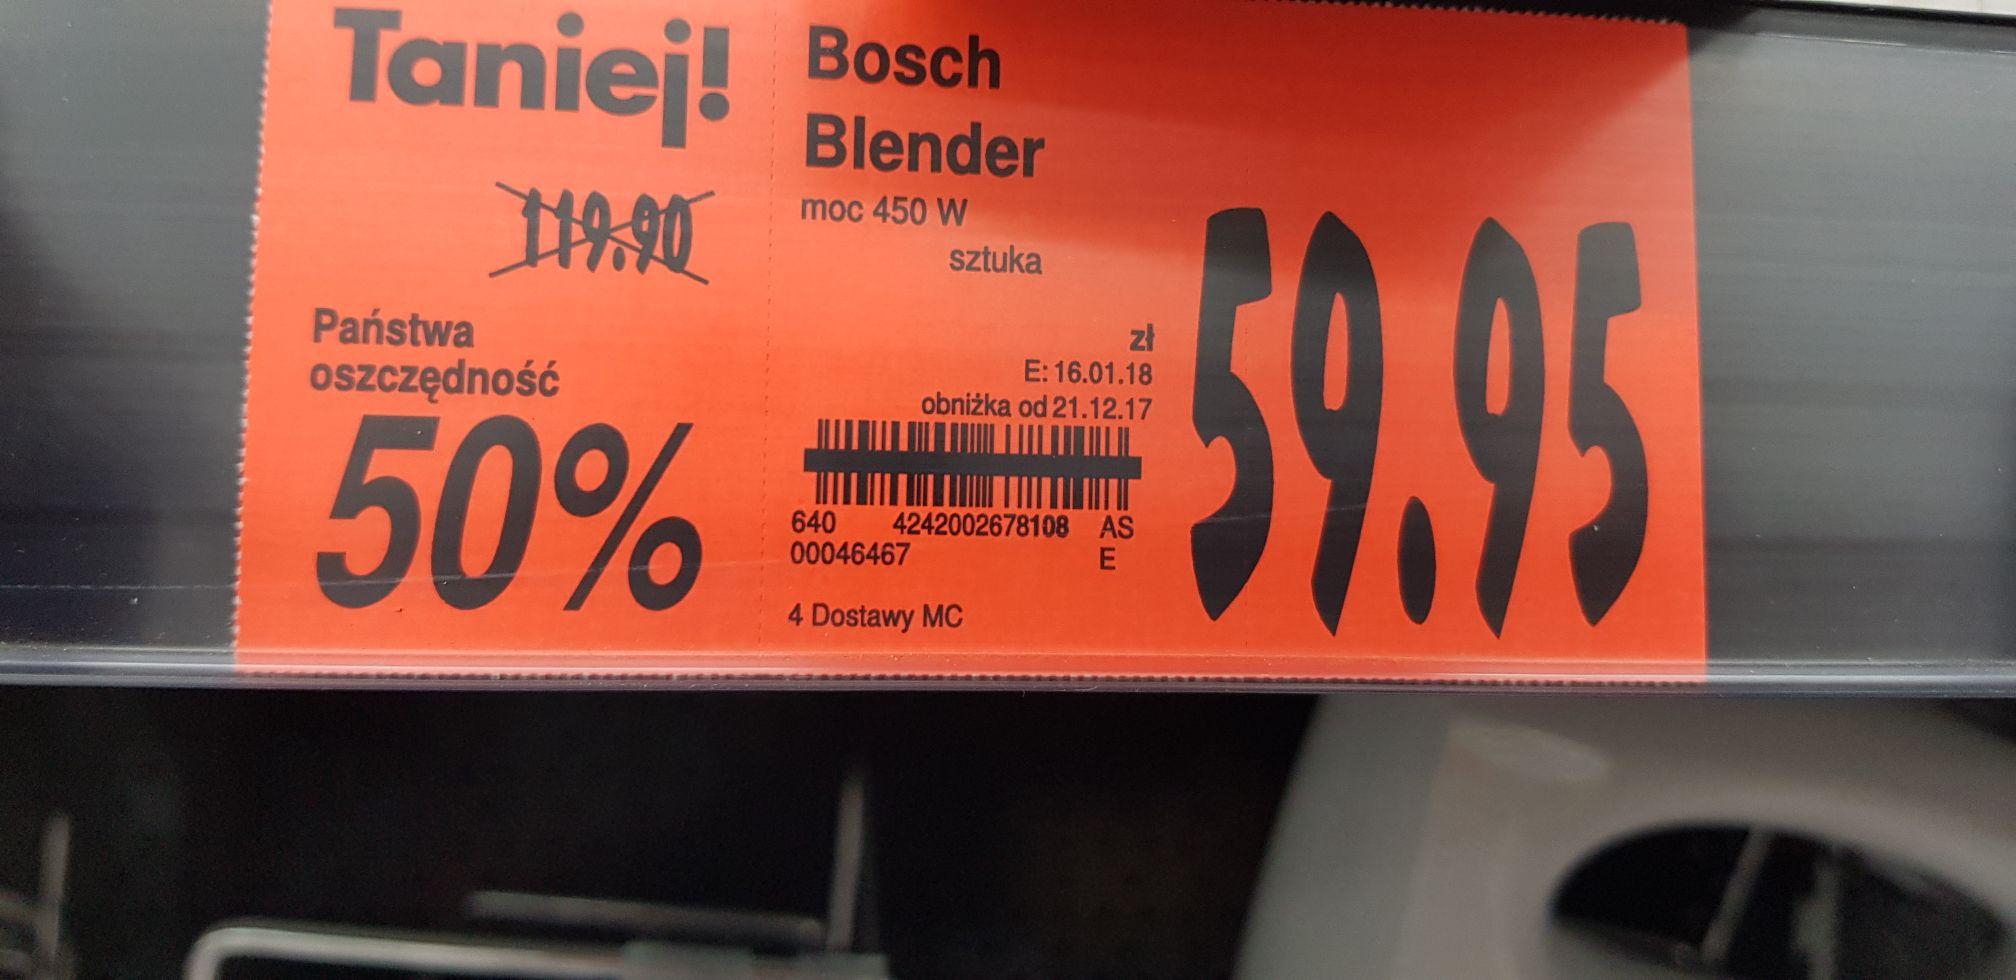 Bosch blender kaufland Jabłonna + w opisie inne okazje